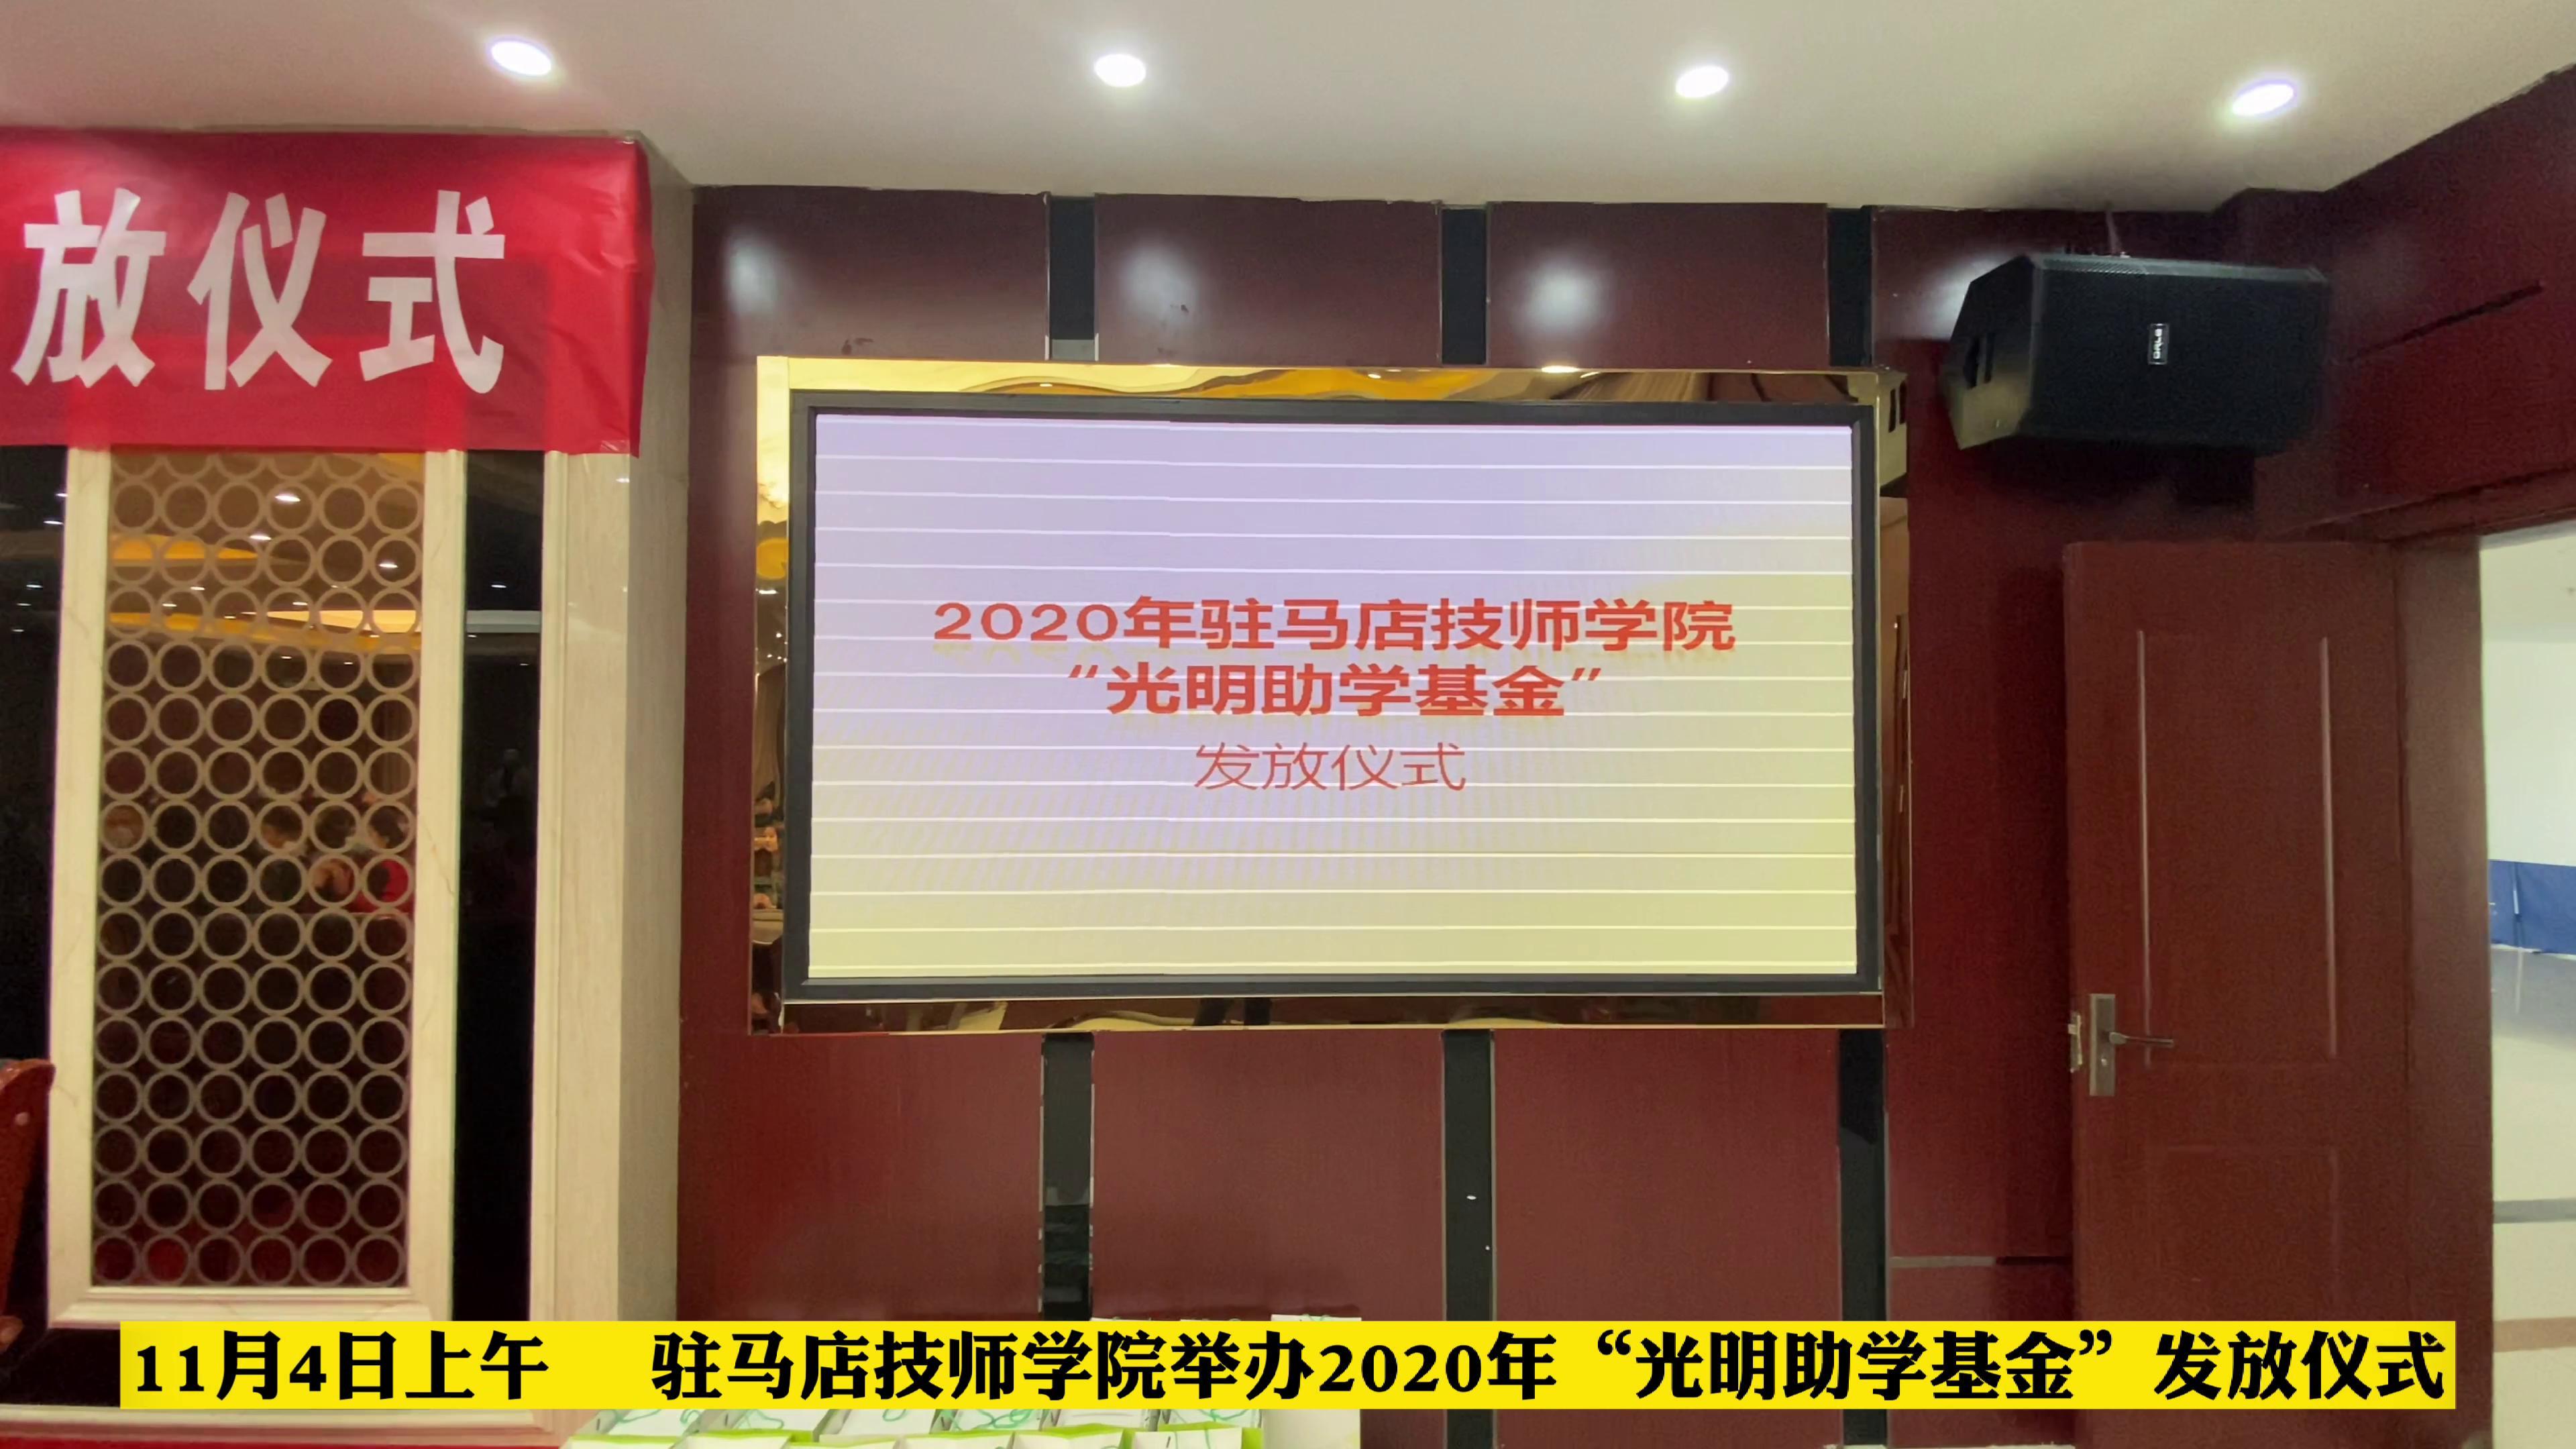 """駐馬店技師學院舉辦2020年""""光明助學基金""""發放儀式"""